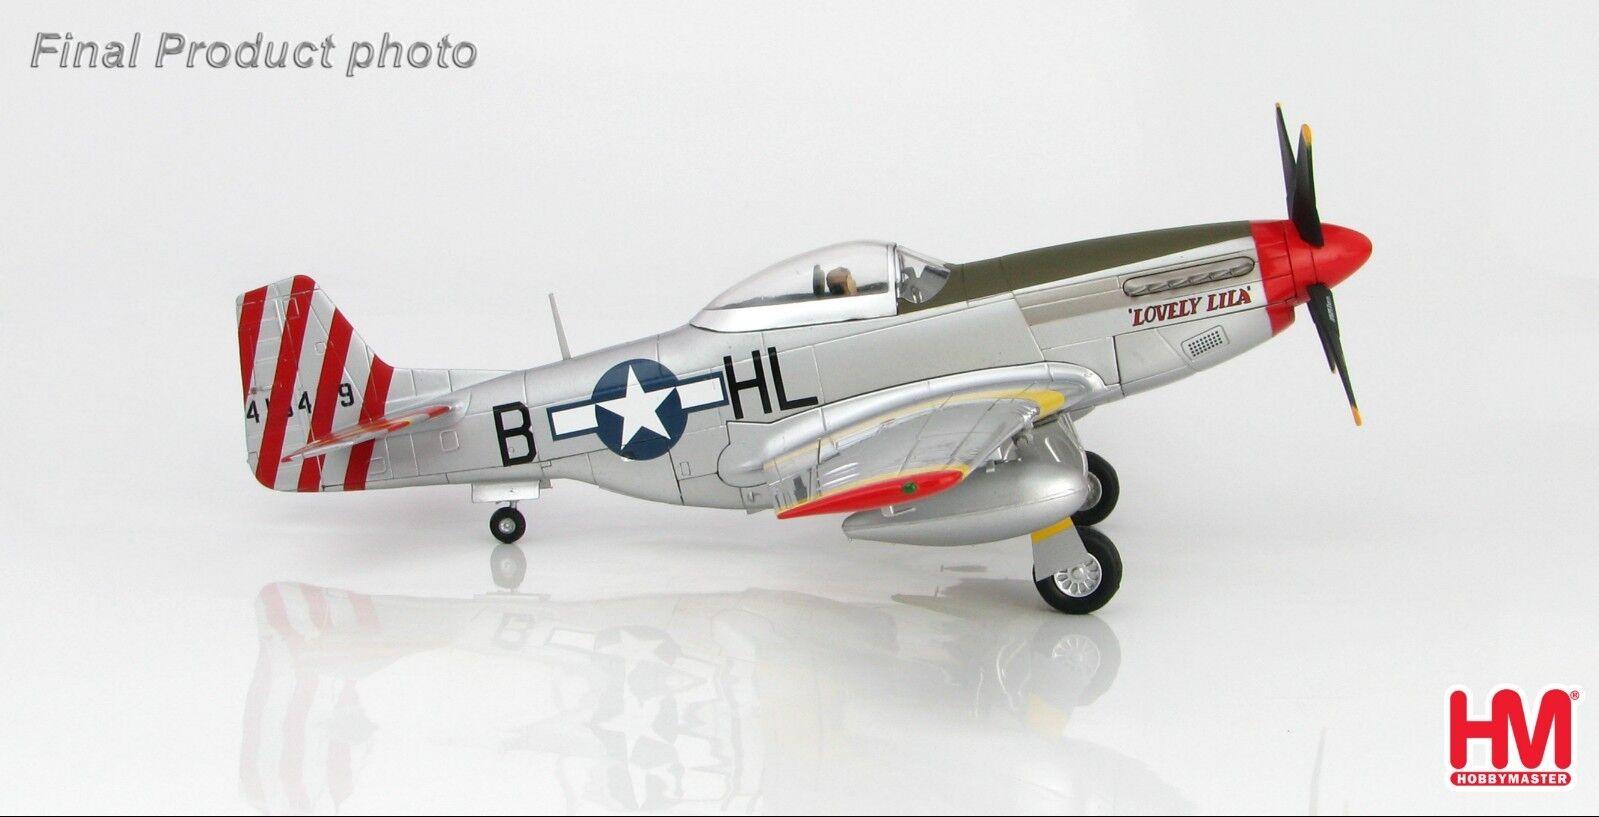 1 48 HOBBYMASTER USAAF P-51D Mustang American Beauty métal HA7739 avion